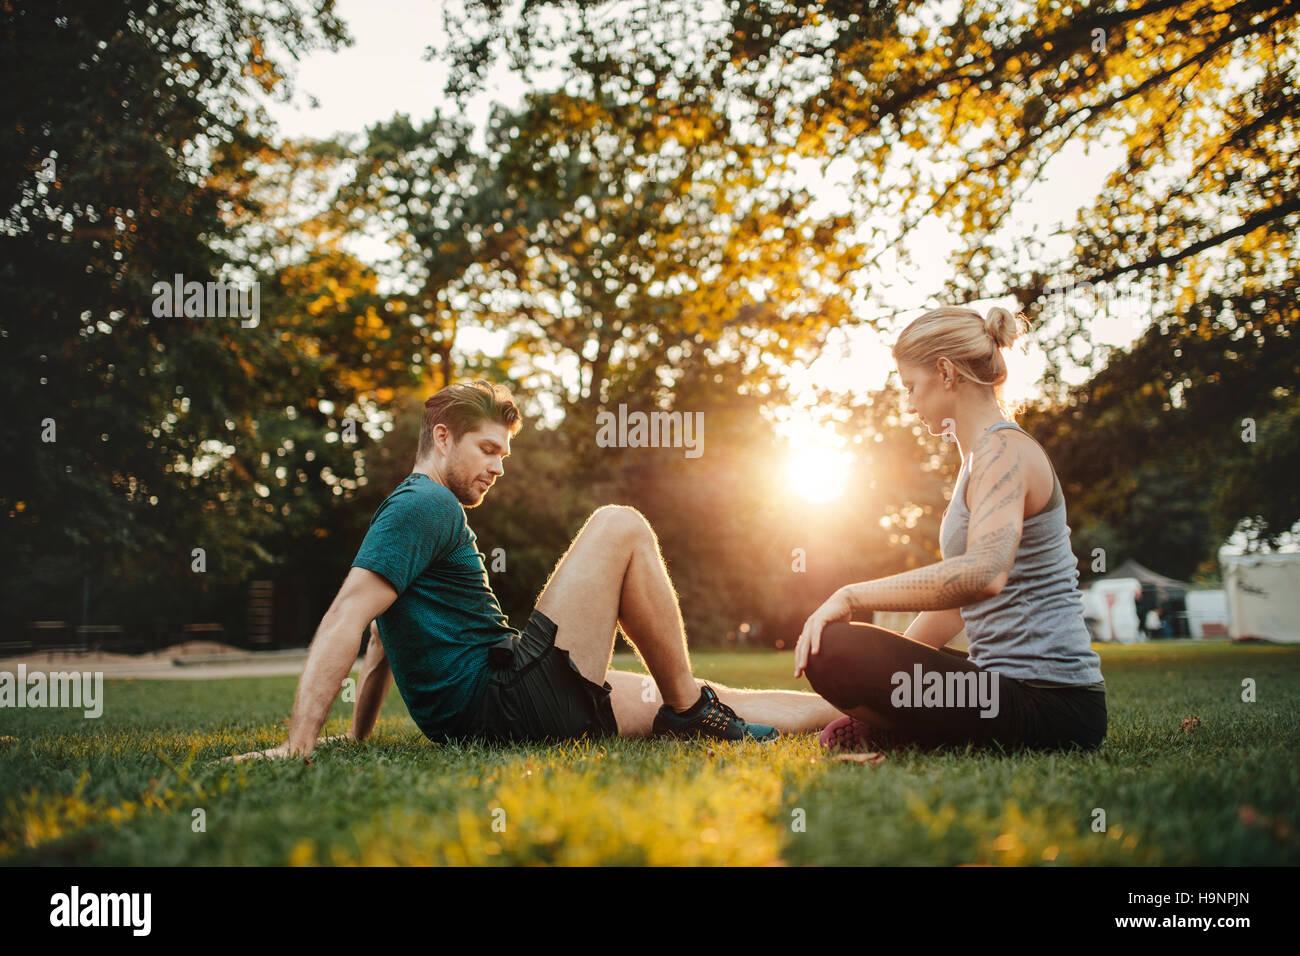 Foto de pareja joven sentado en el parque y el trabajo. Hombre y mujer ejercen en el parque en la mañana. Imagen De Stock